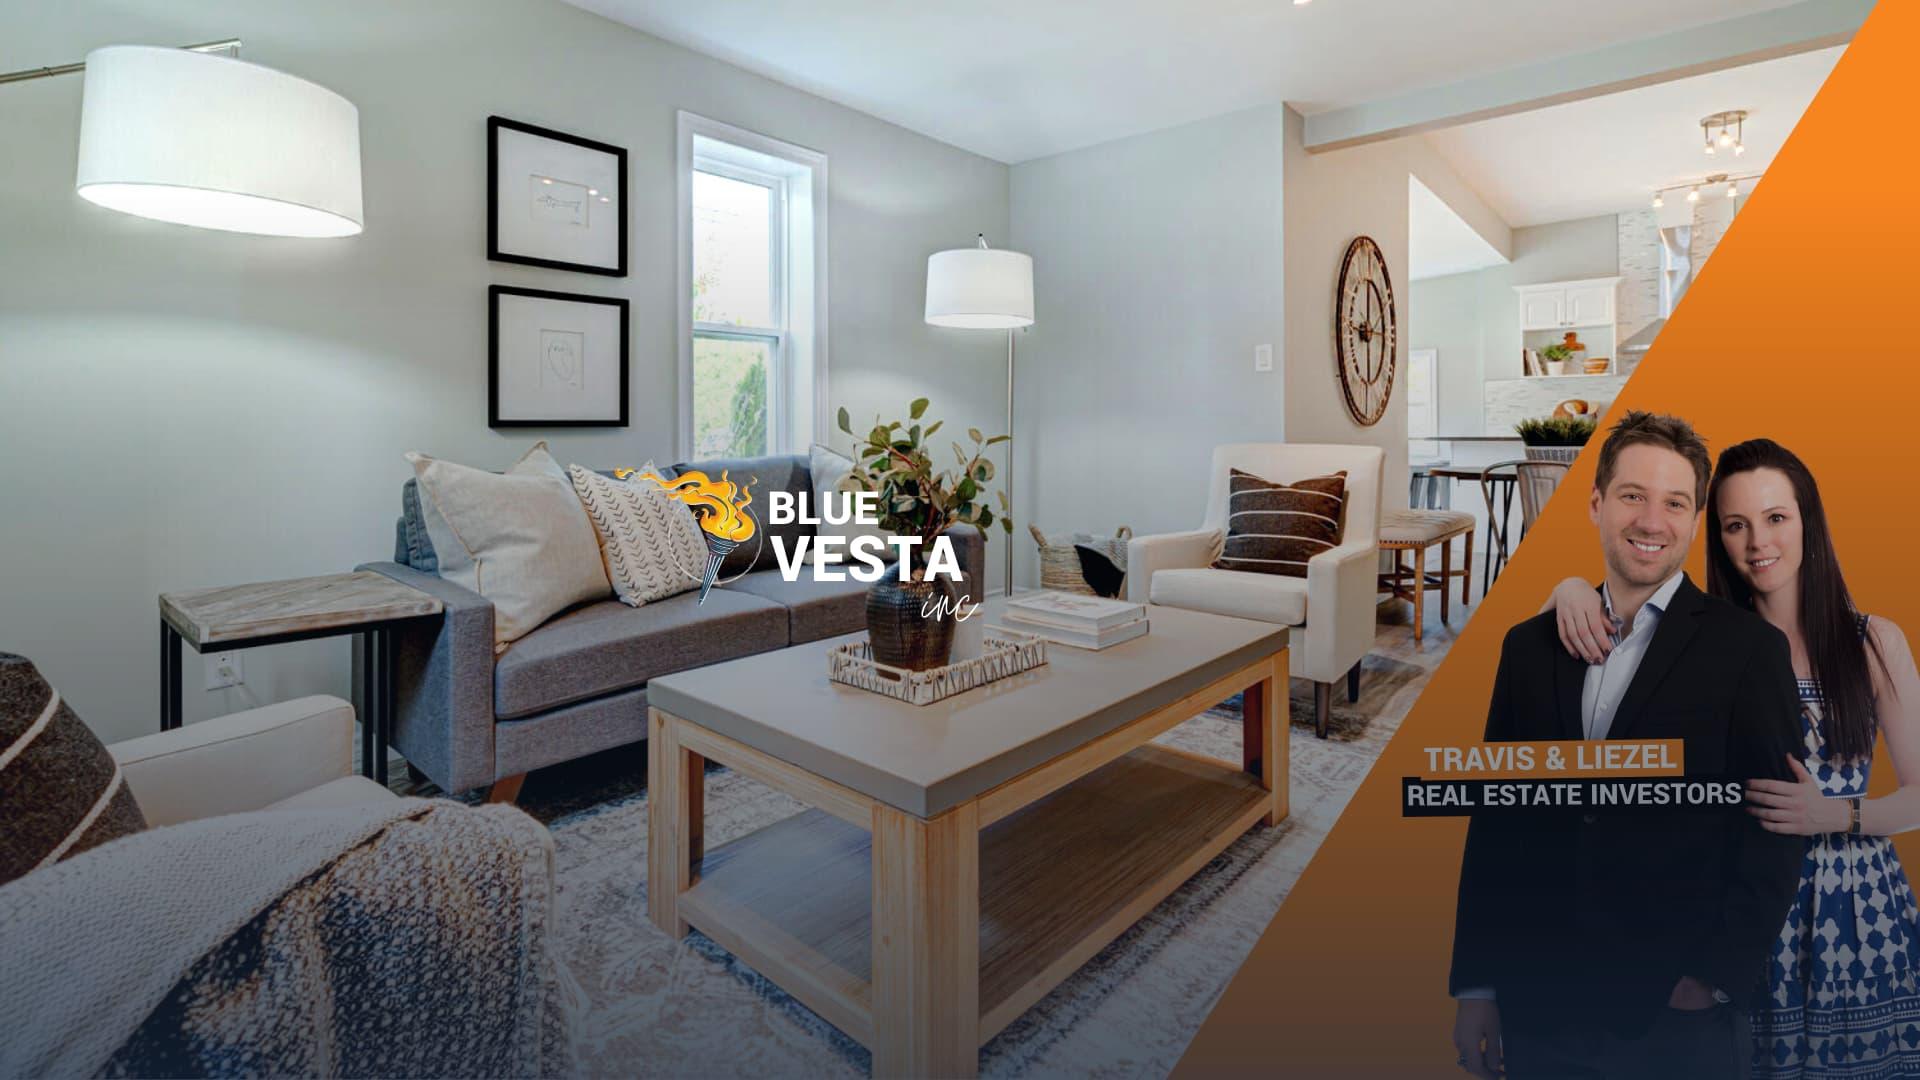 Interakt Client background - Blue Vesta Inc